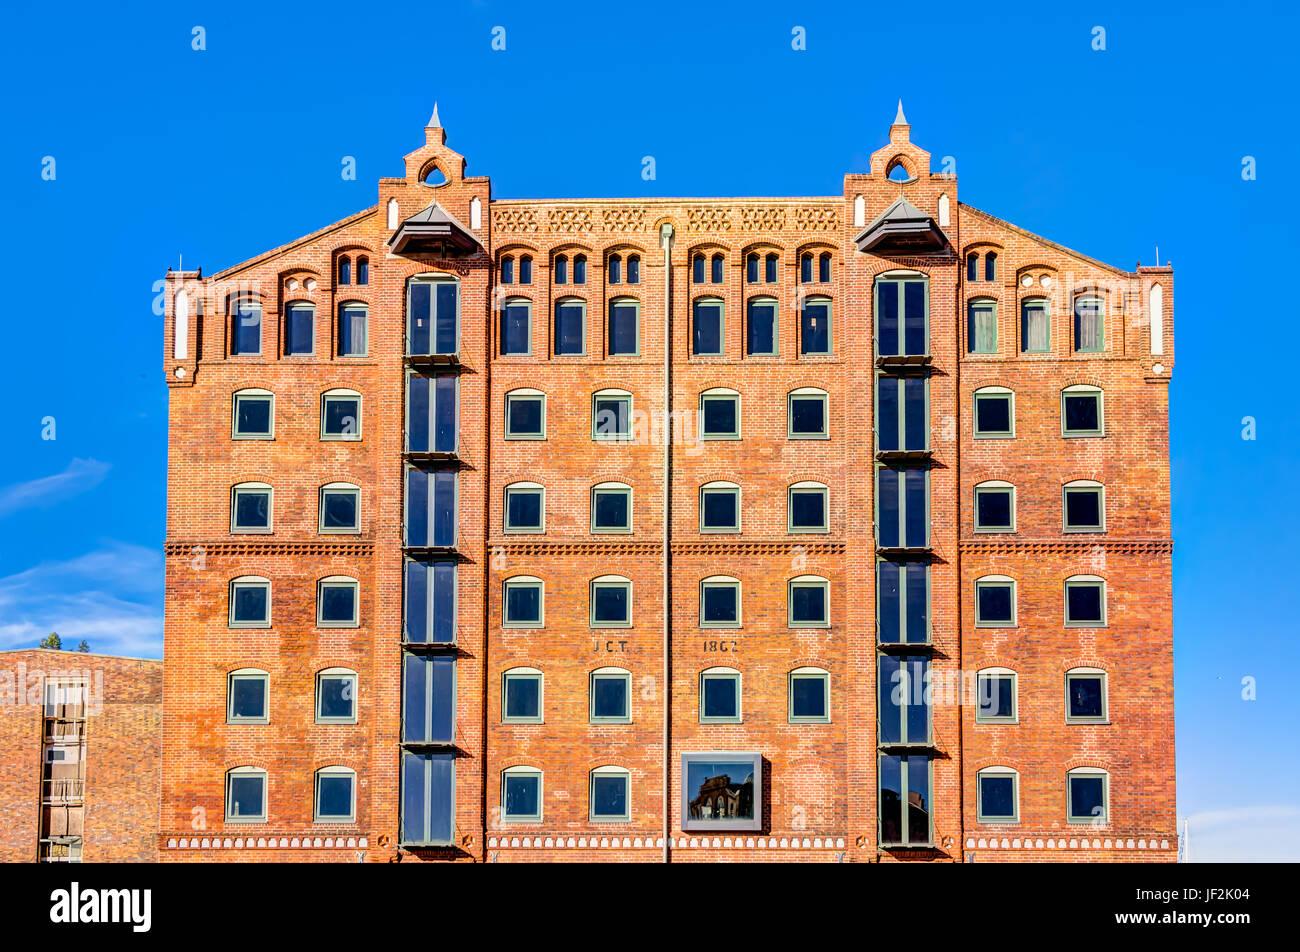 Historic harbor warehouses in Wismar - Stock Image